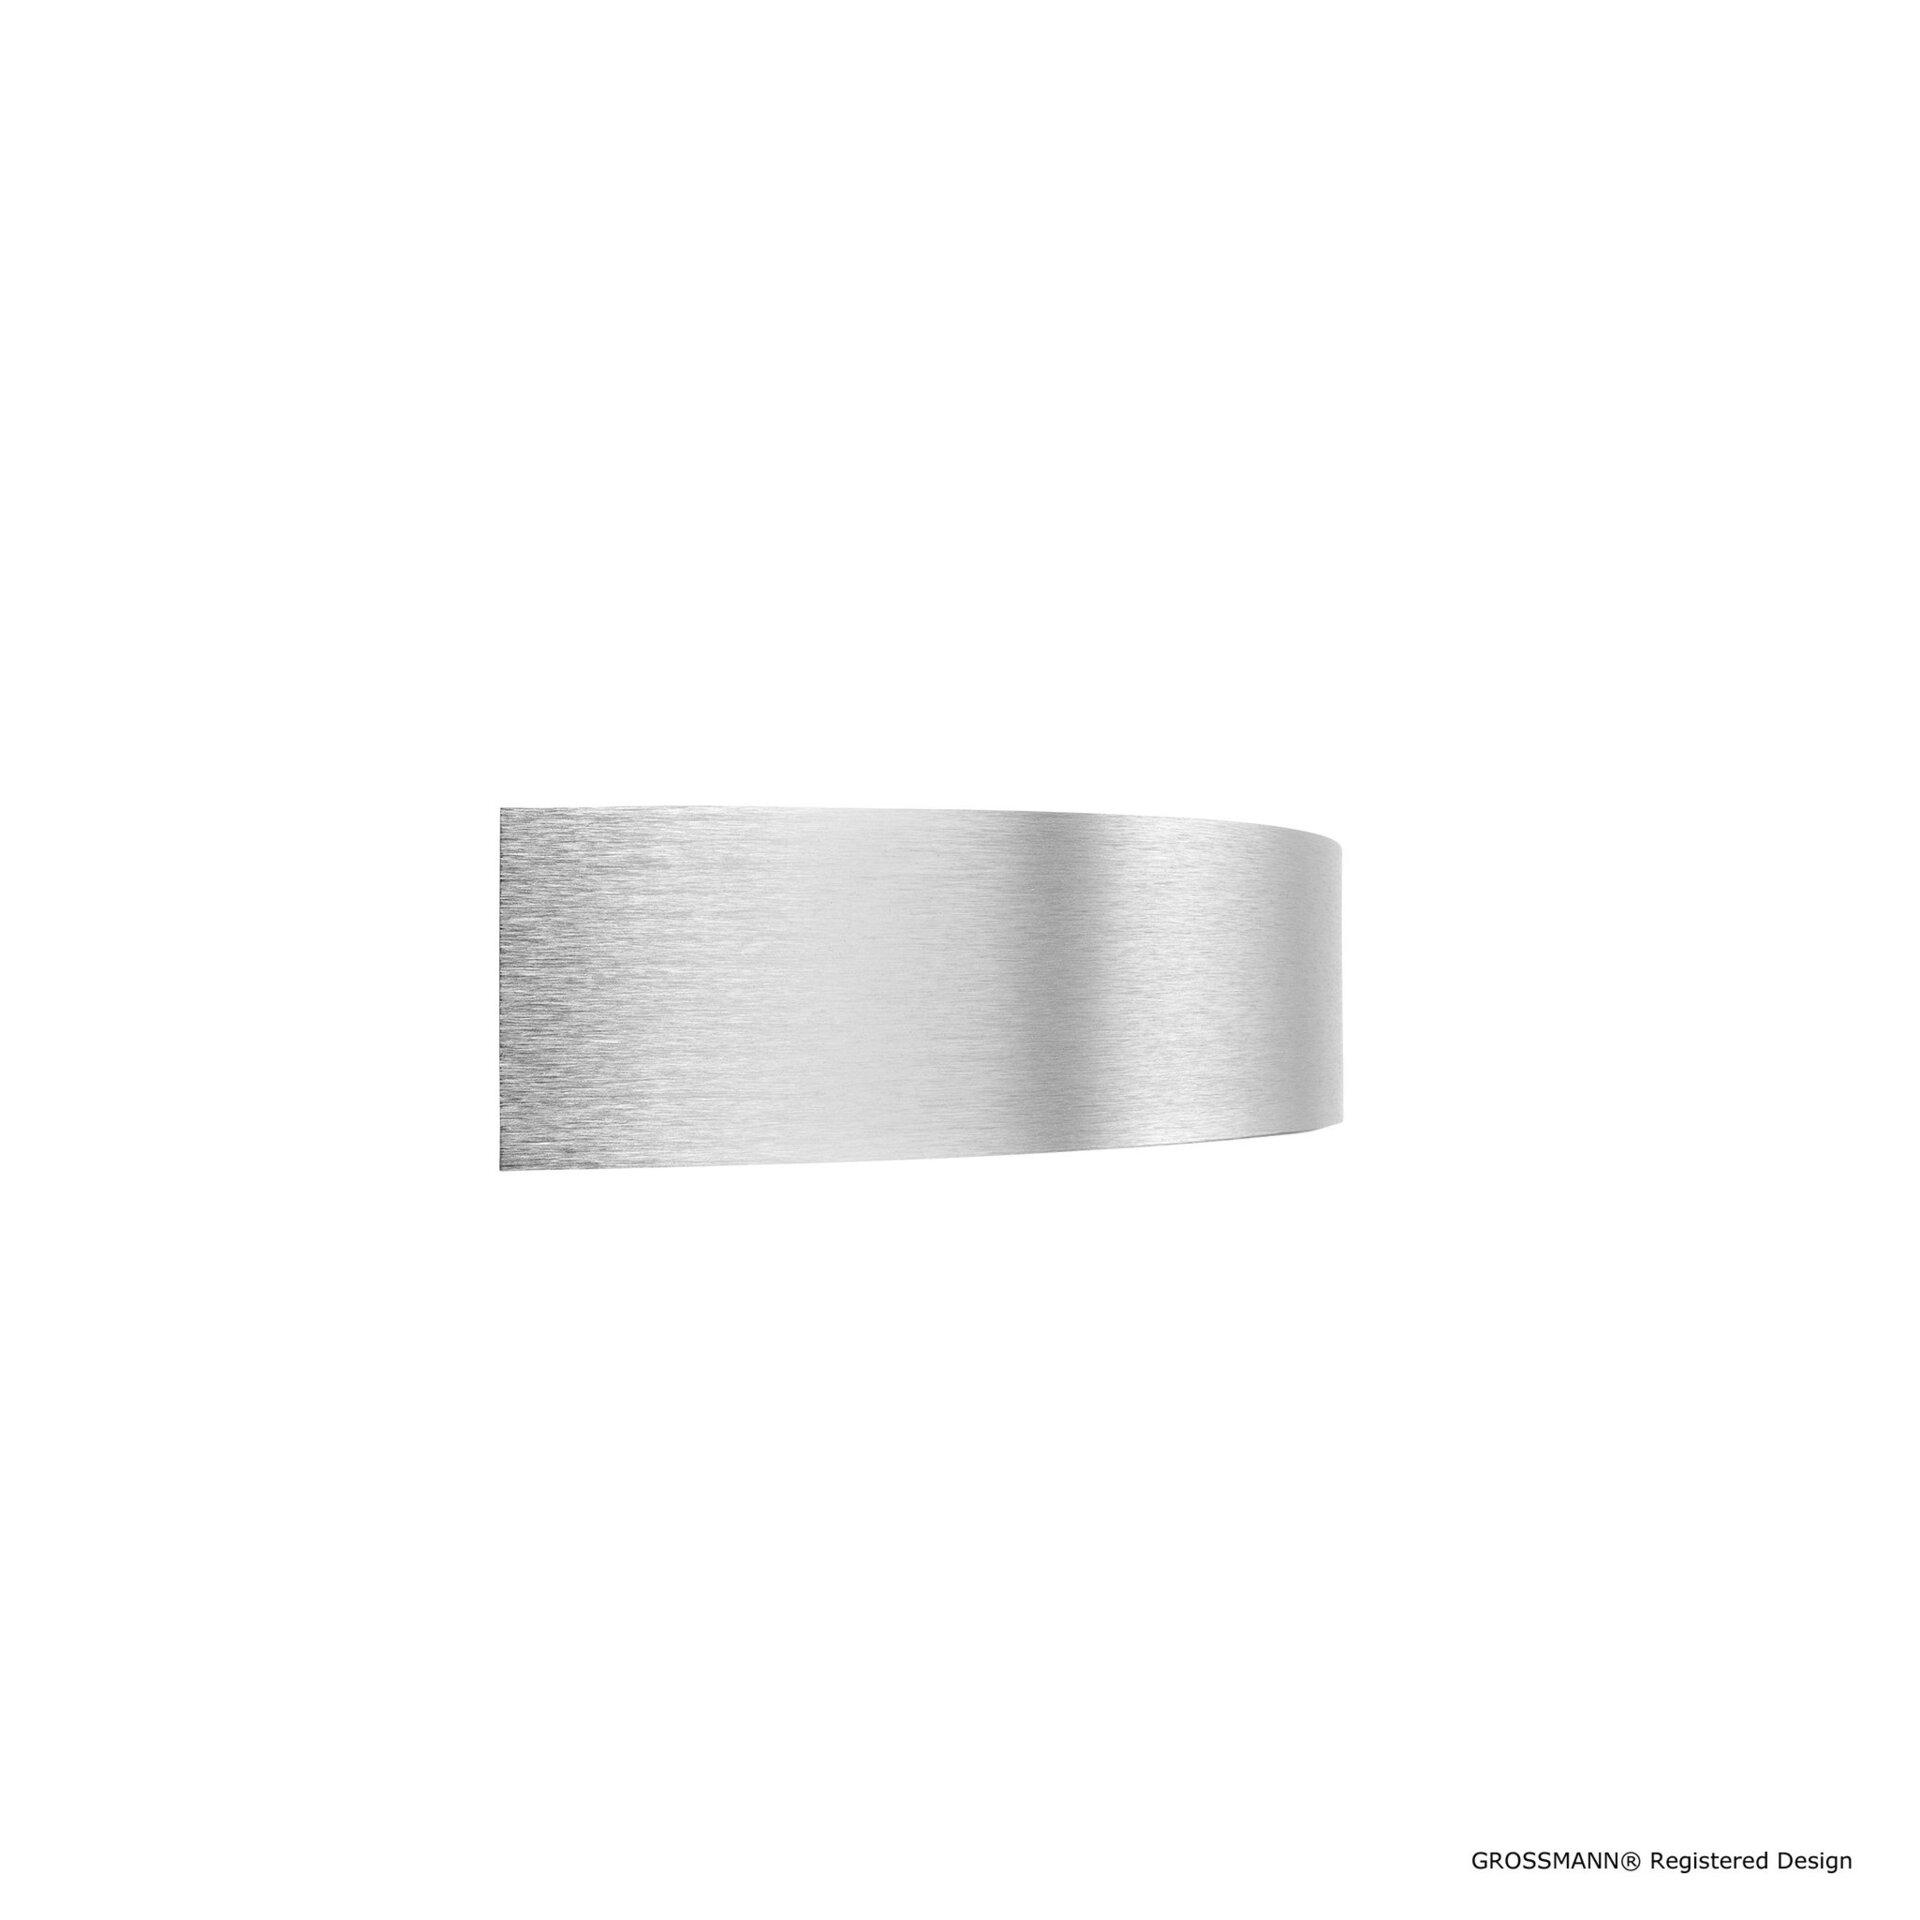 Wandleuchte calimero Grossmann Metall silber 19 x 7 x 37 cm